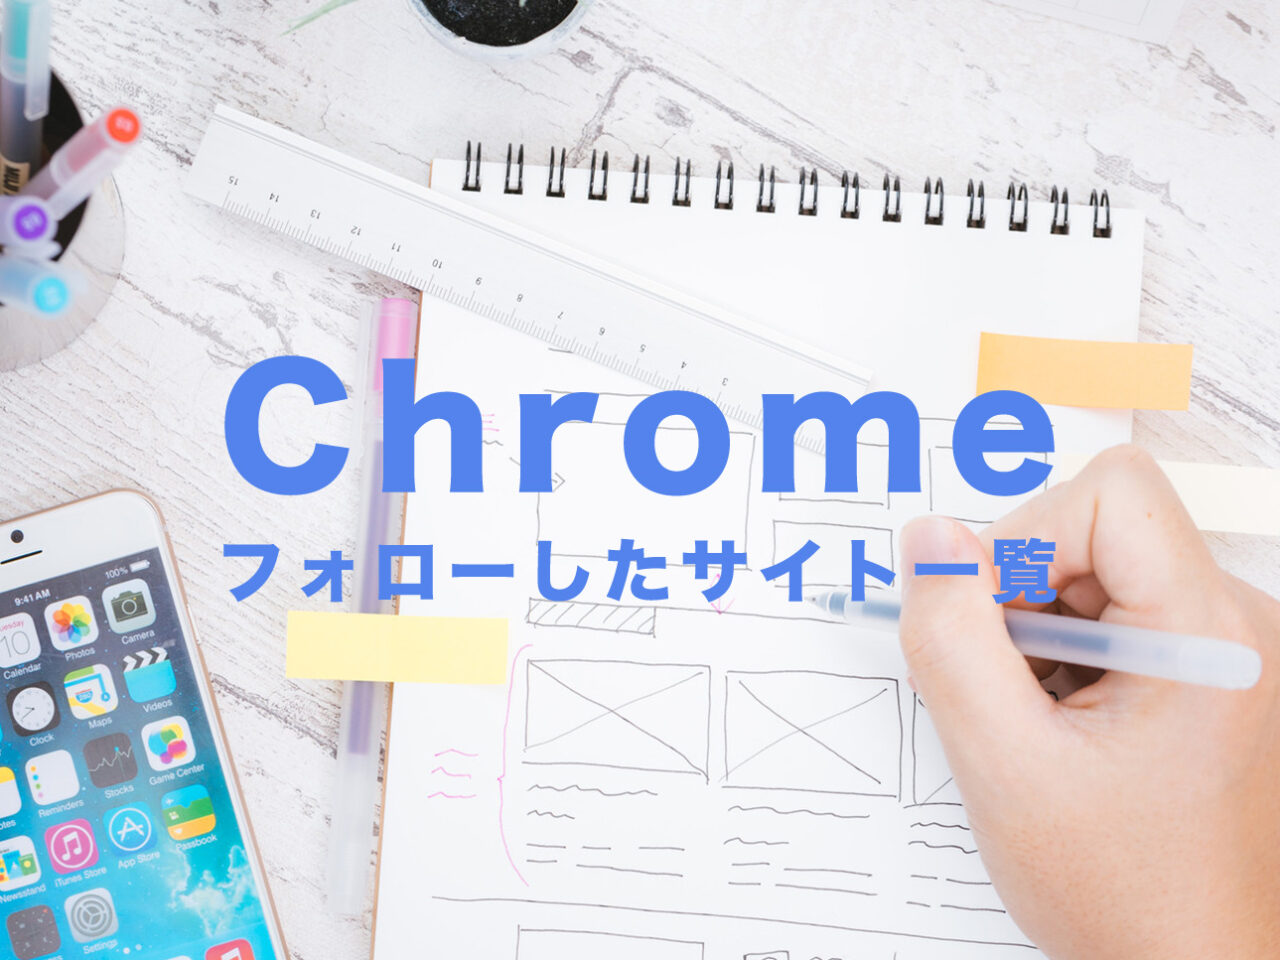 ChromeでフォローしたWebサイトやブログ一覧の確認方法!Android版で利用可能!のサムネイル画像